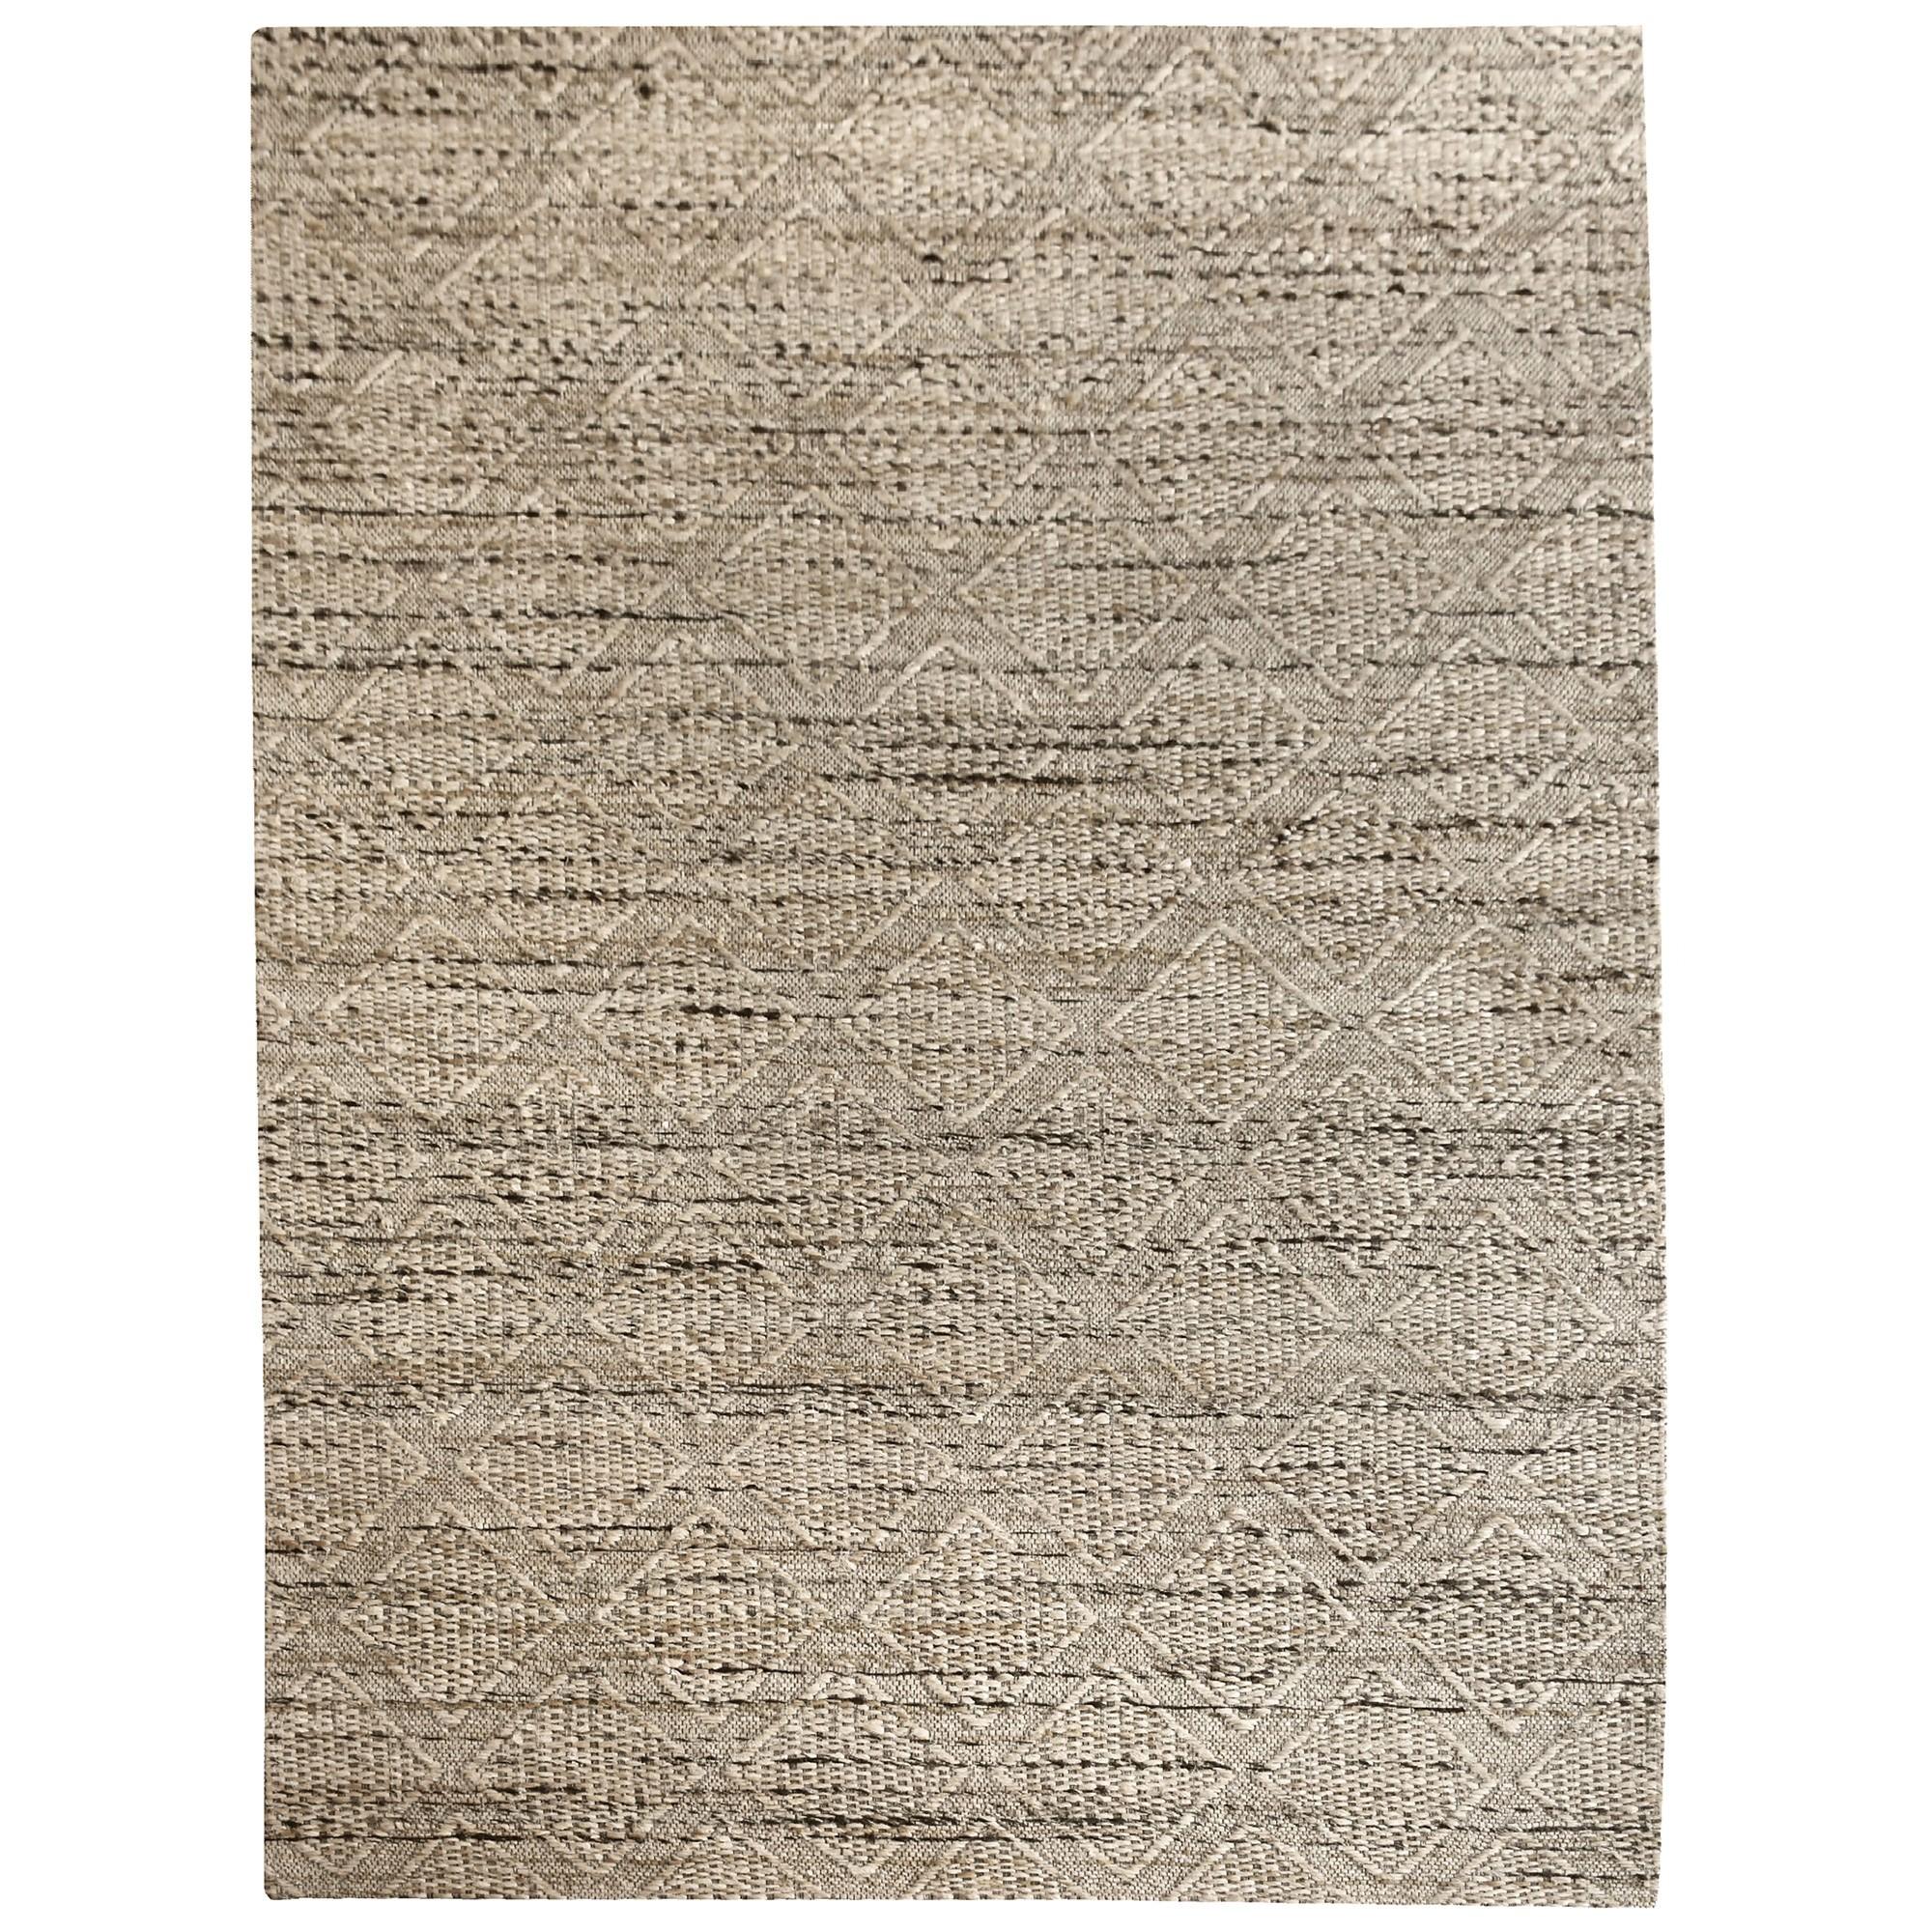 Esamont Textured Hemp Rug, 190x290cm, Beige